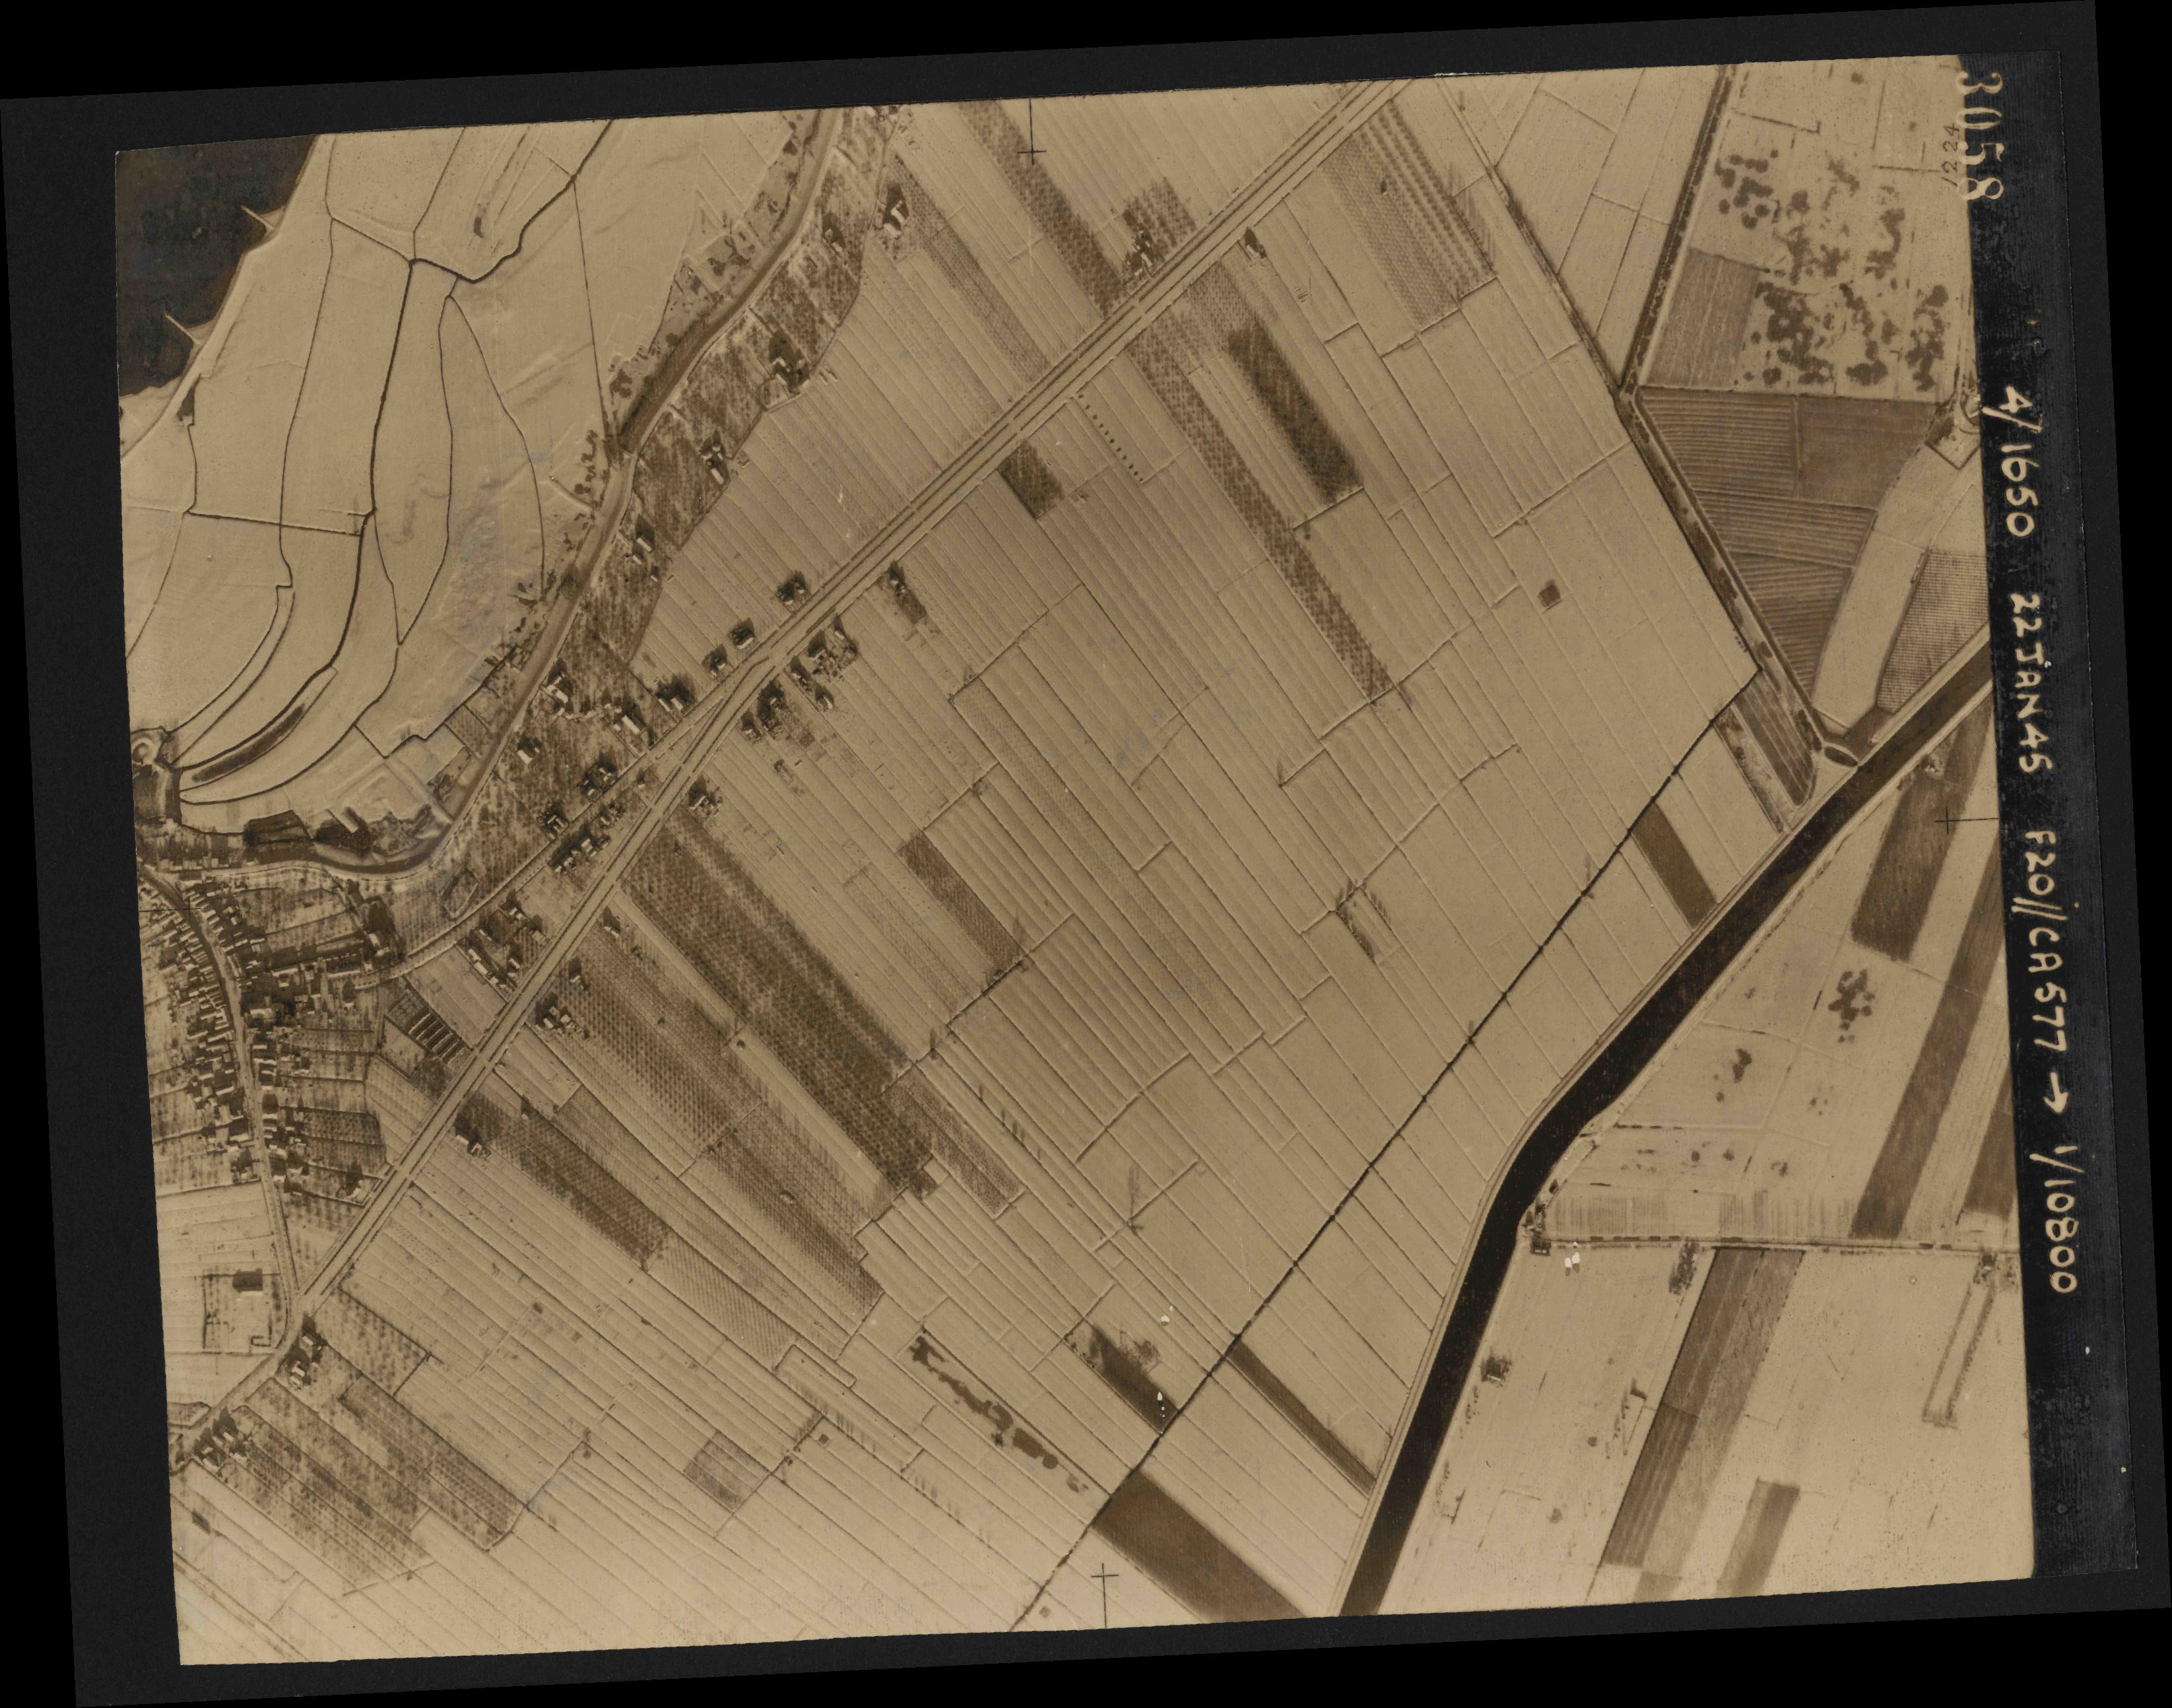 Collection RAF aerial photos 1940-1945 - flight 098, run 06, photo 3058